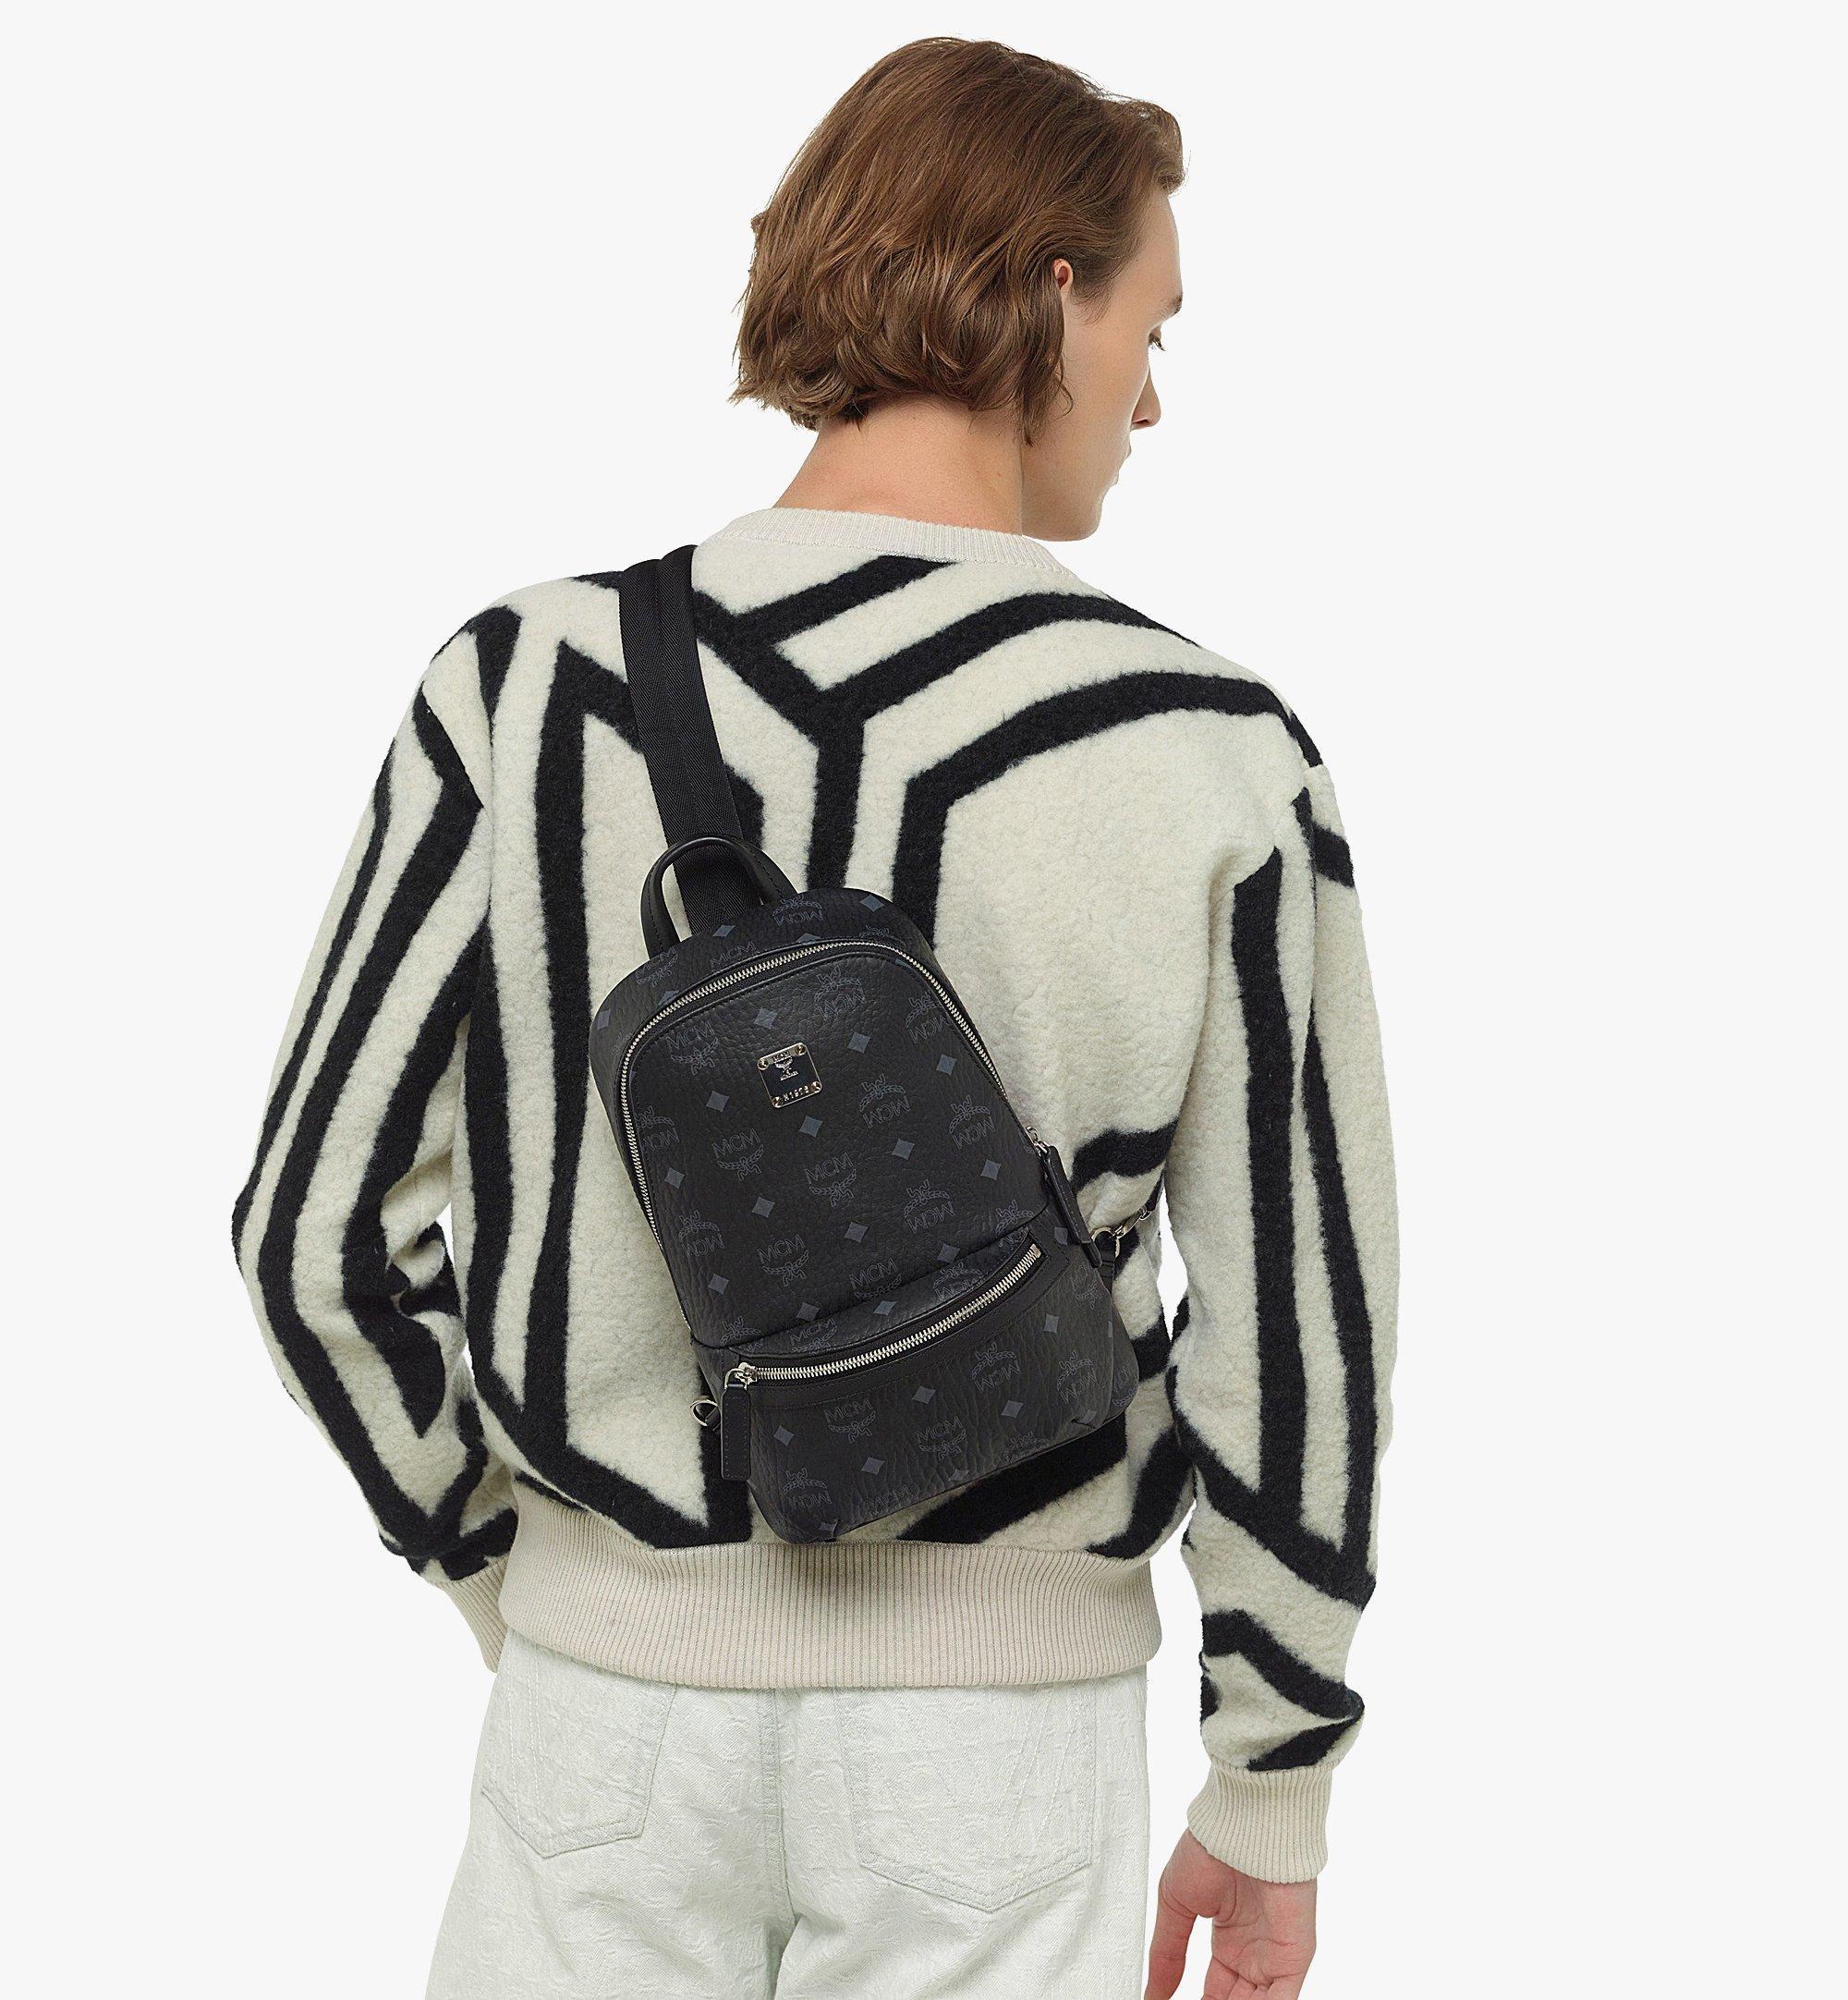 MCM Klassik Sling Bag in Visetos Black MMLBSKC01BK001 Alternate View 2